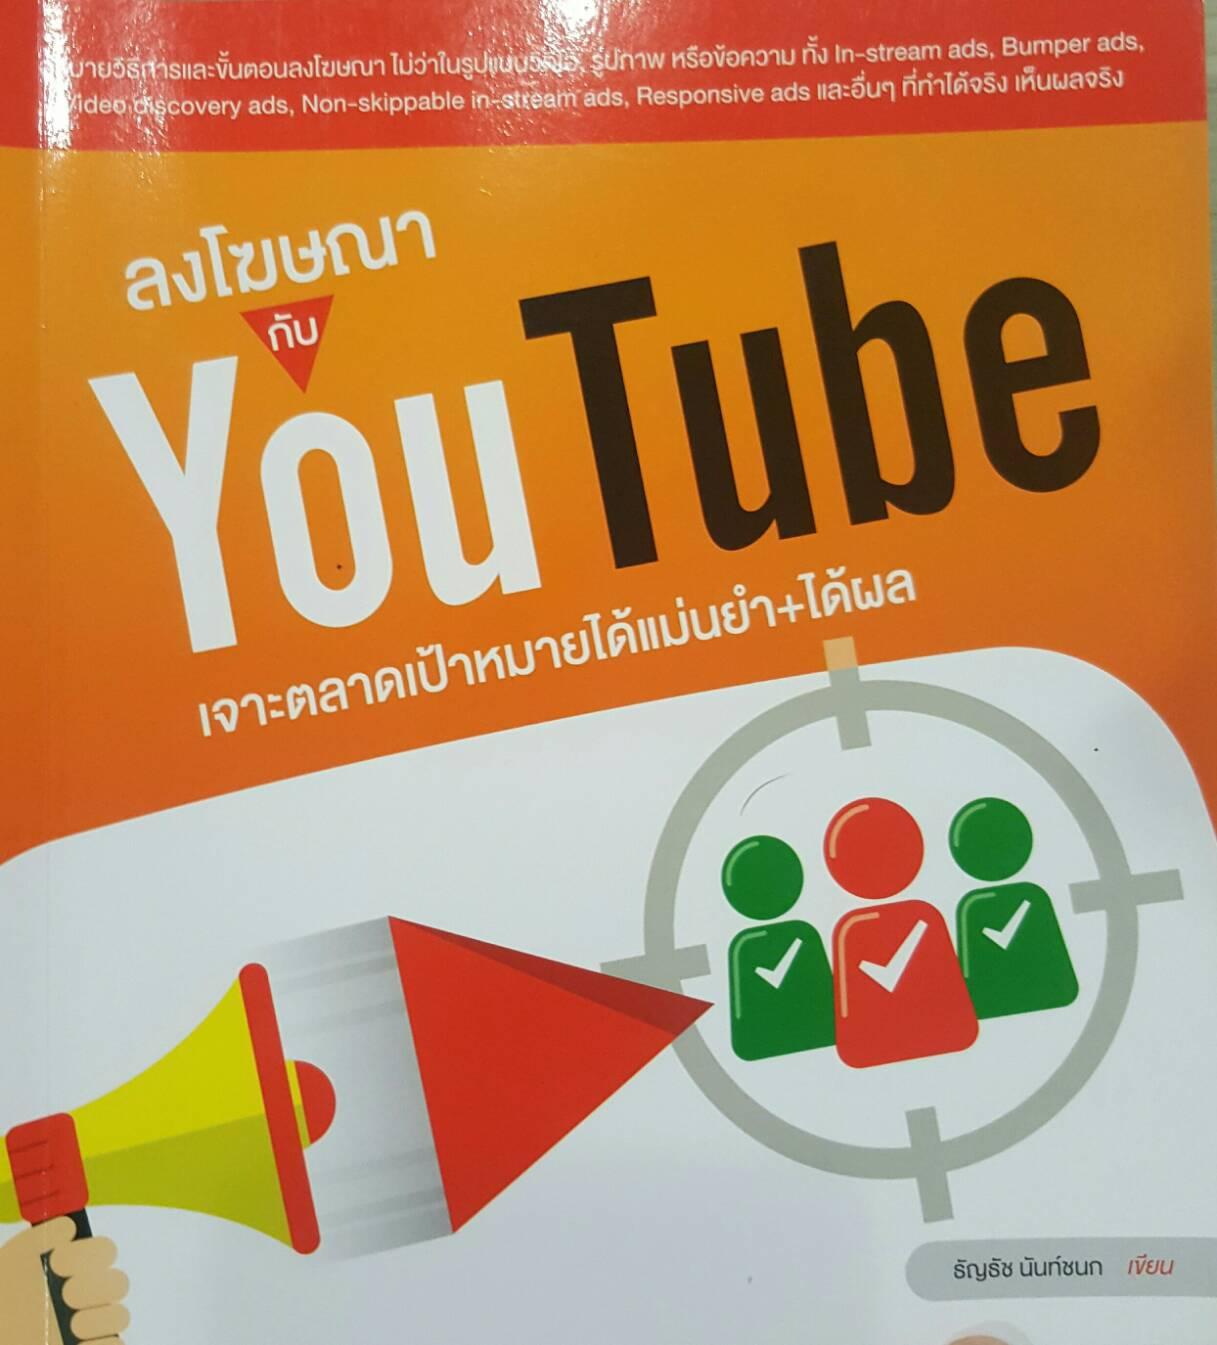 ลงโฆษณากับYouTube เจาะตลาดเป้าหมายได้แม่นยำ+ได้ผล